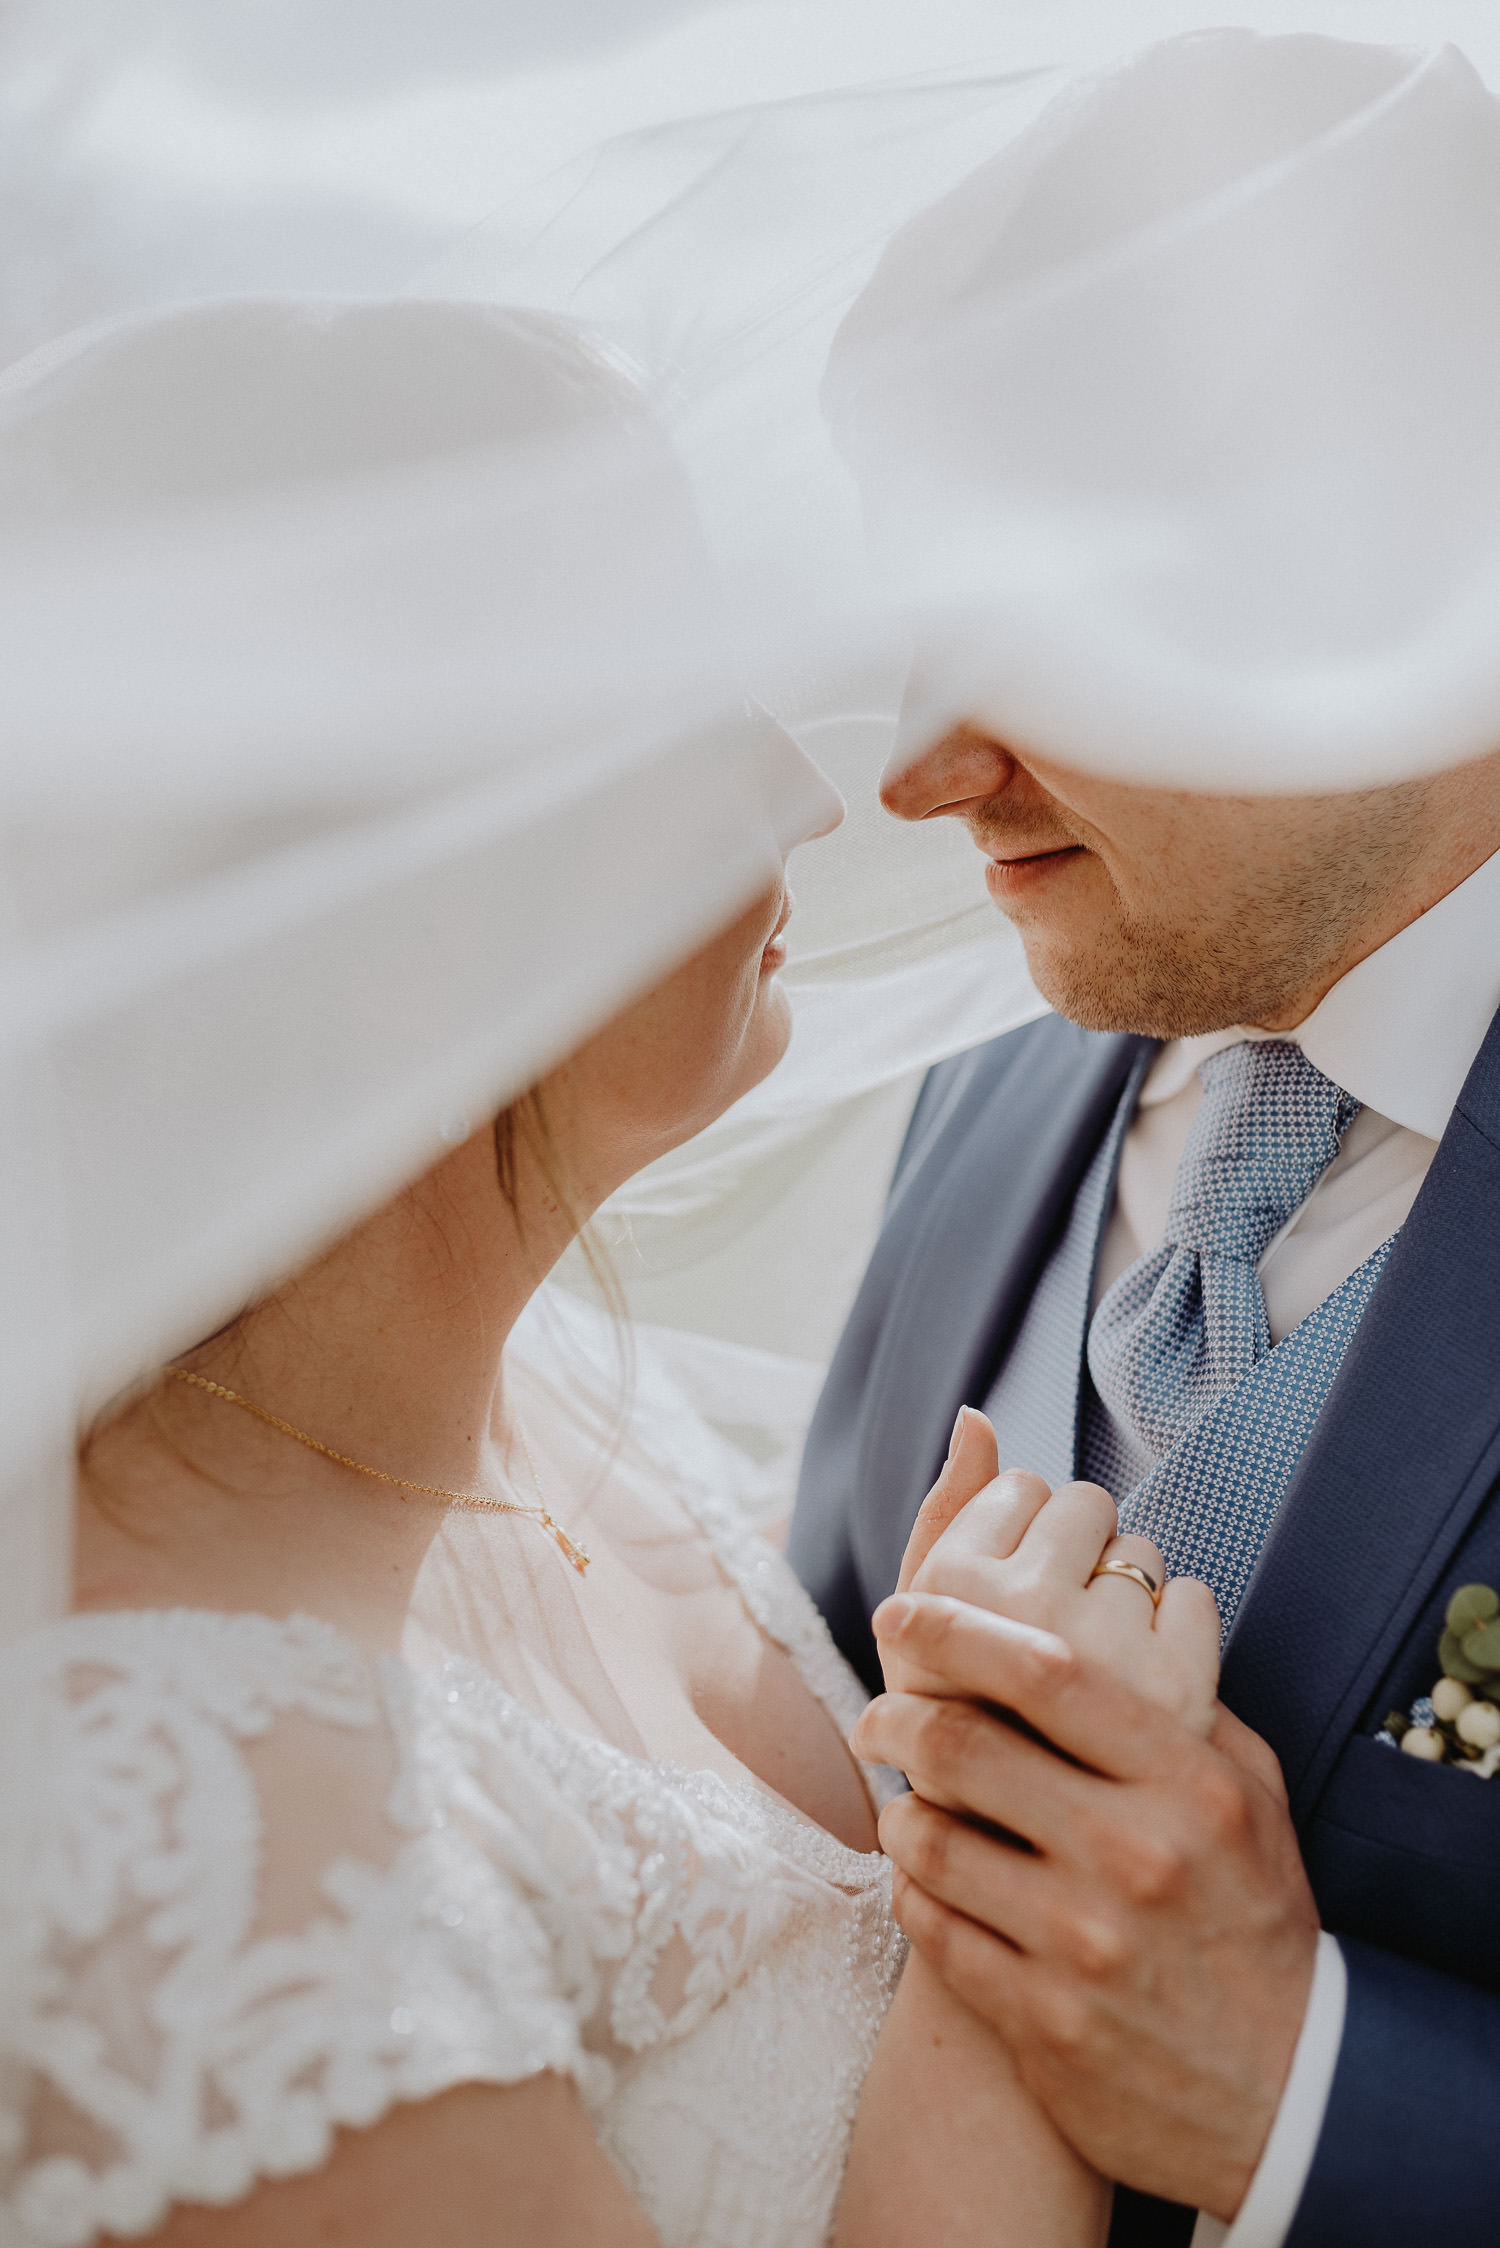 Scheunen-Hochzeit-Alte-Schmiede-Niemegk-by-Steven-Schwanz-90-1